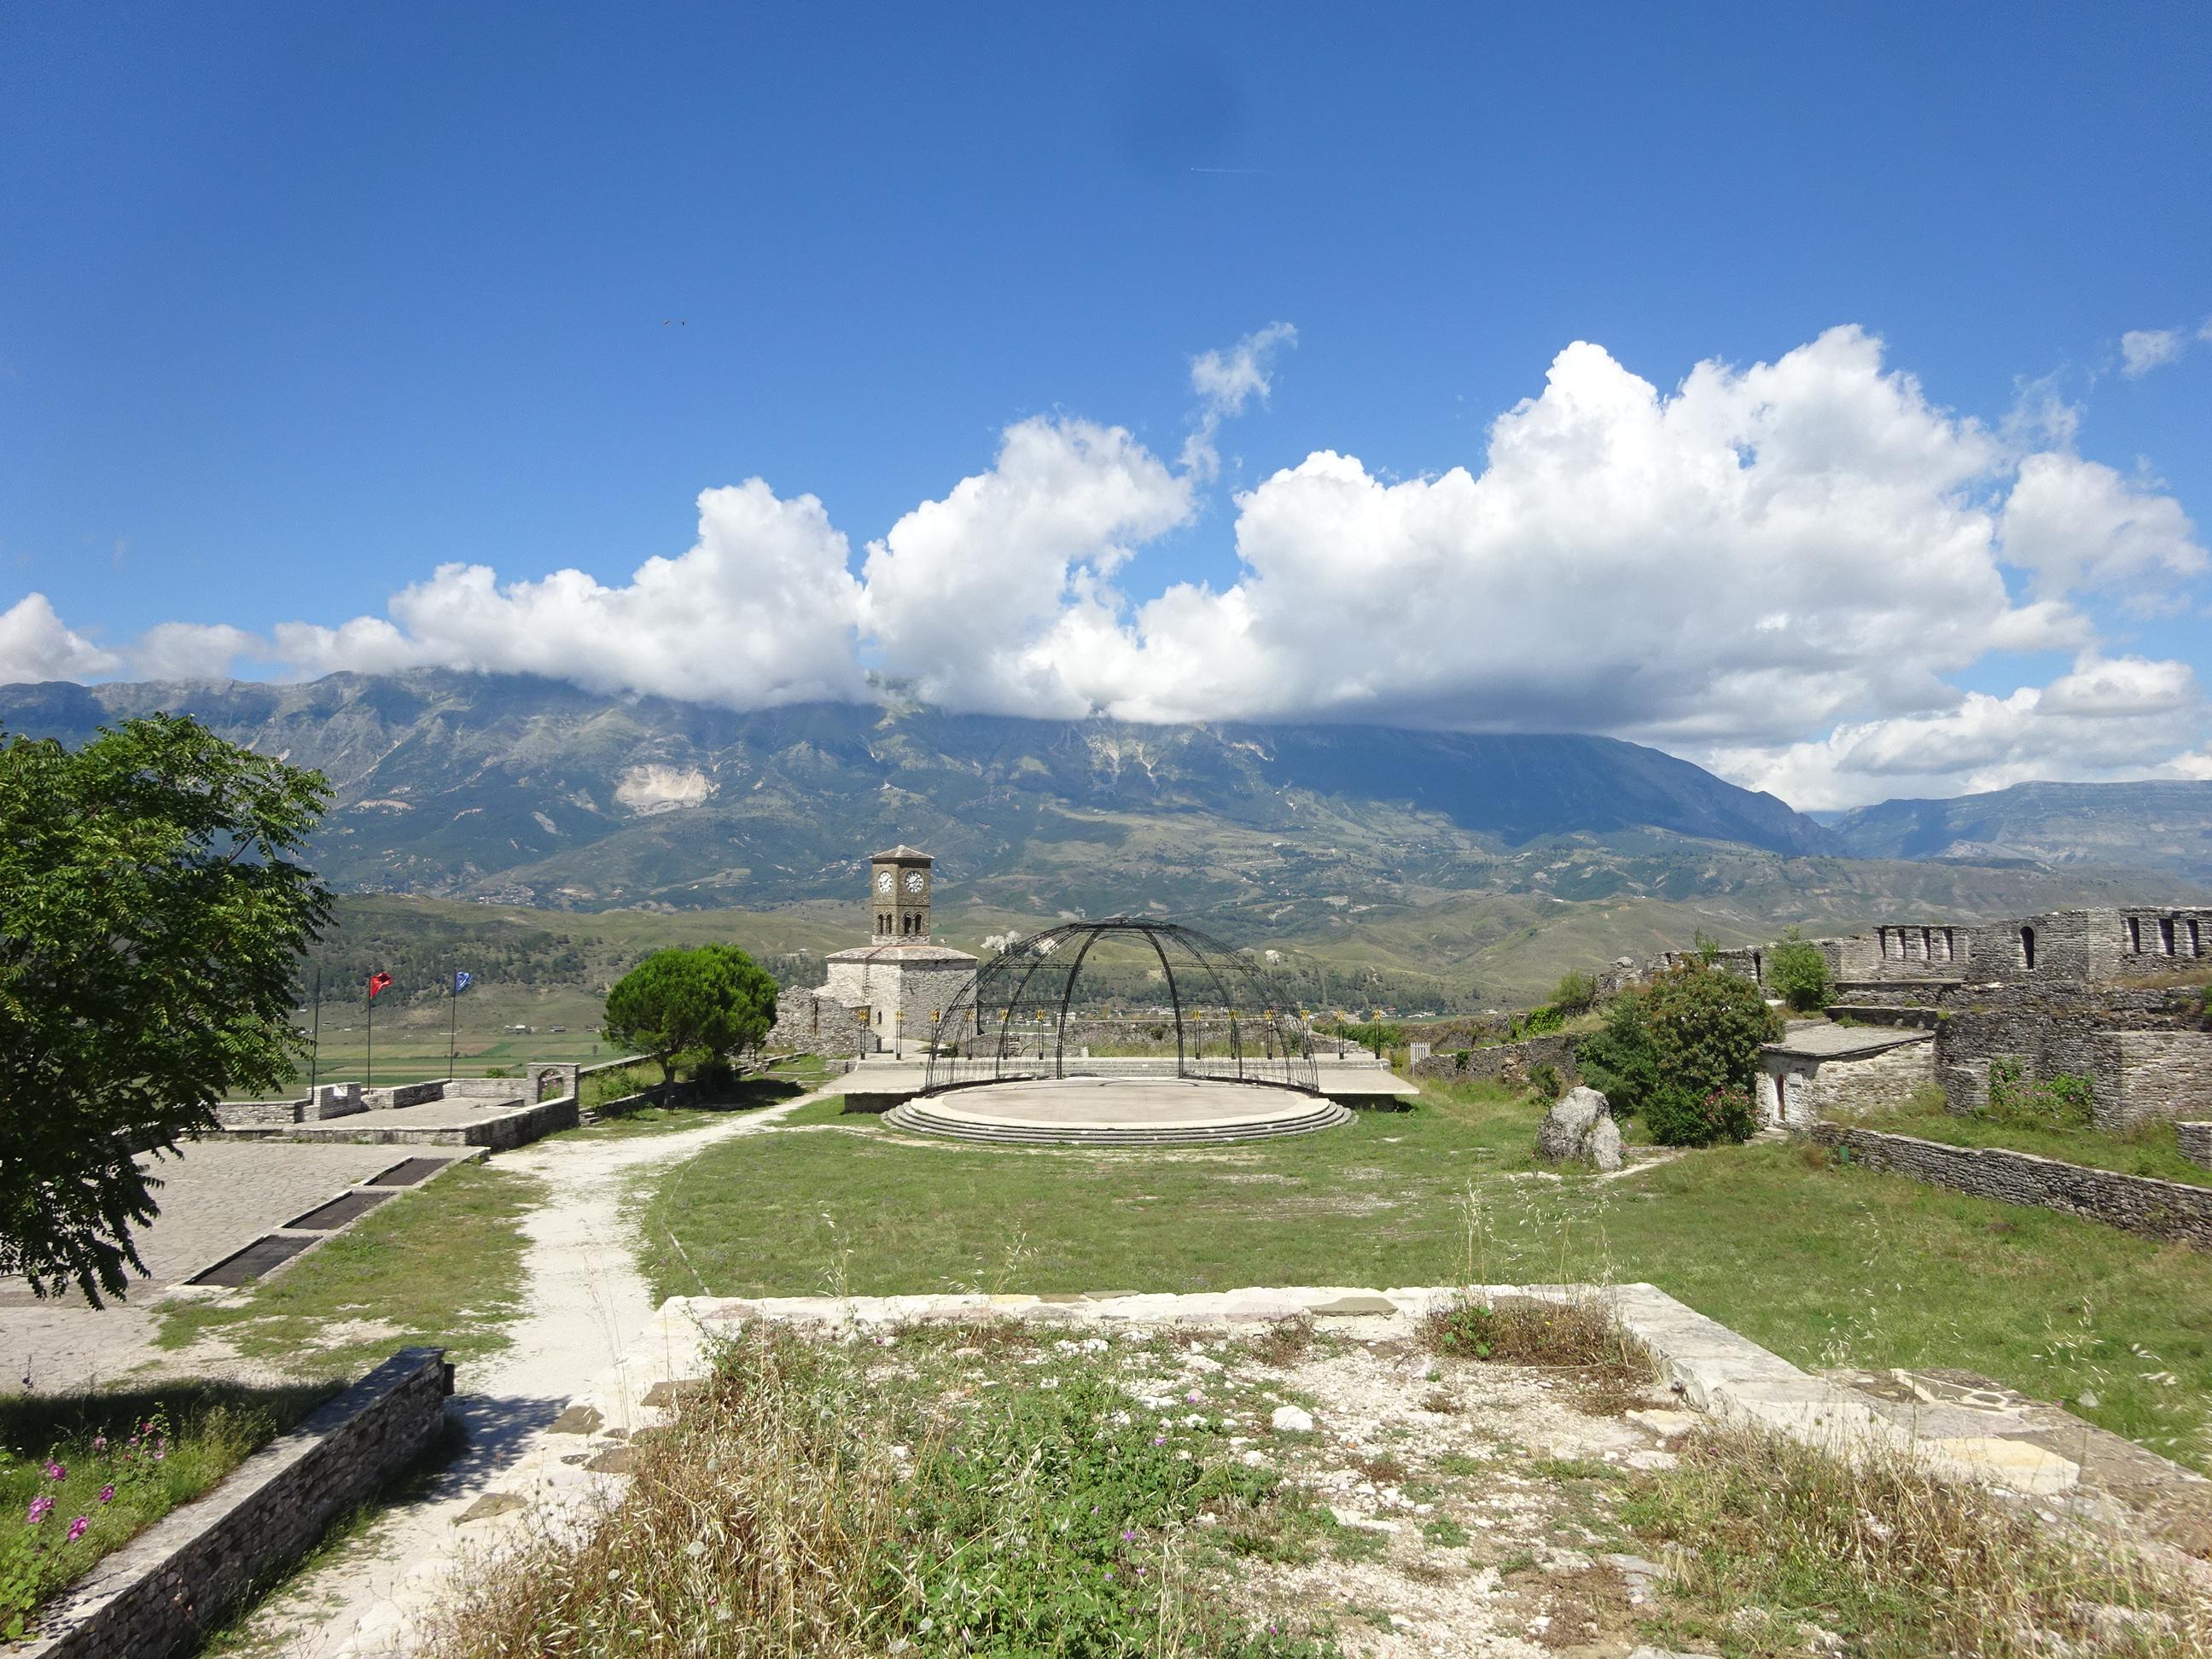 息を飲むほど美しいアルバニアのジロカストラ城からの絶景